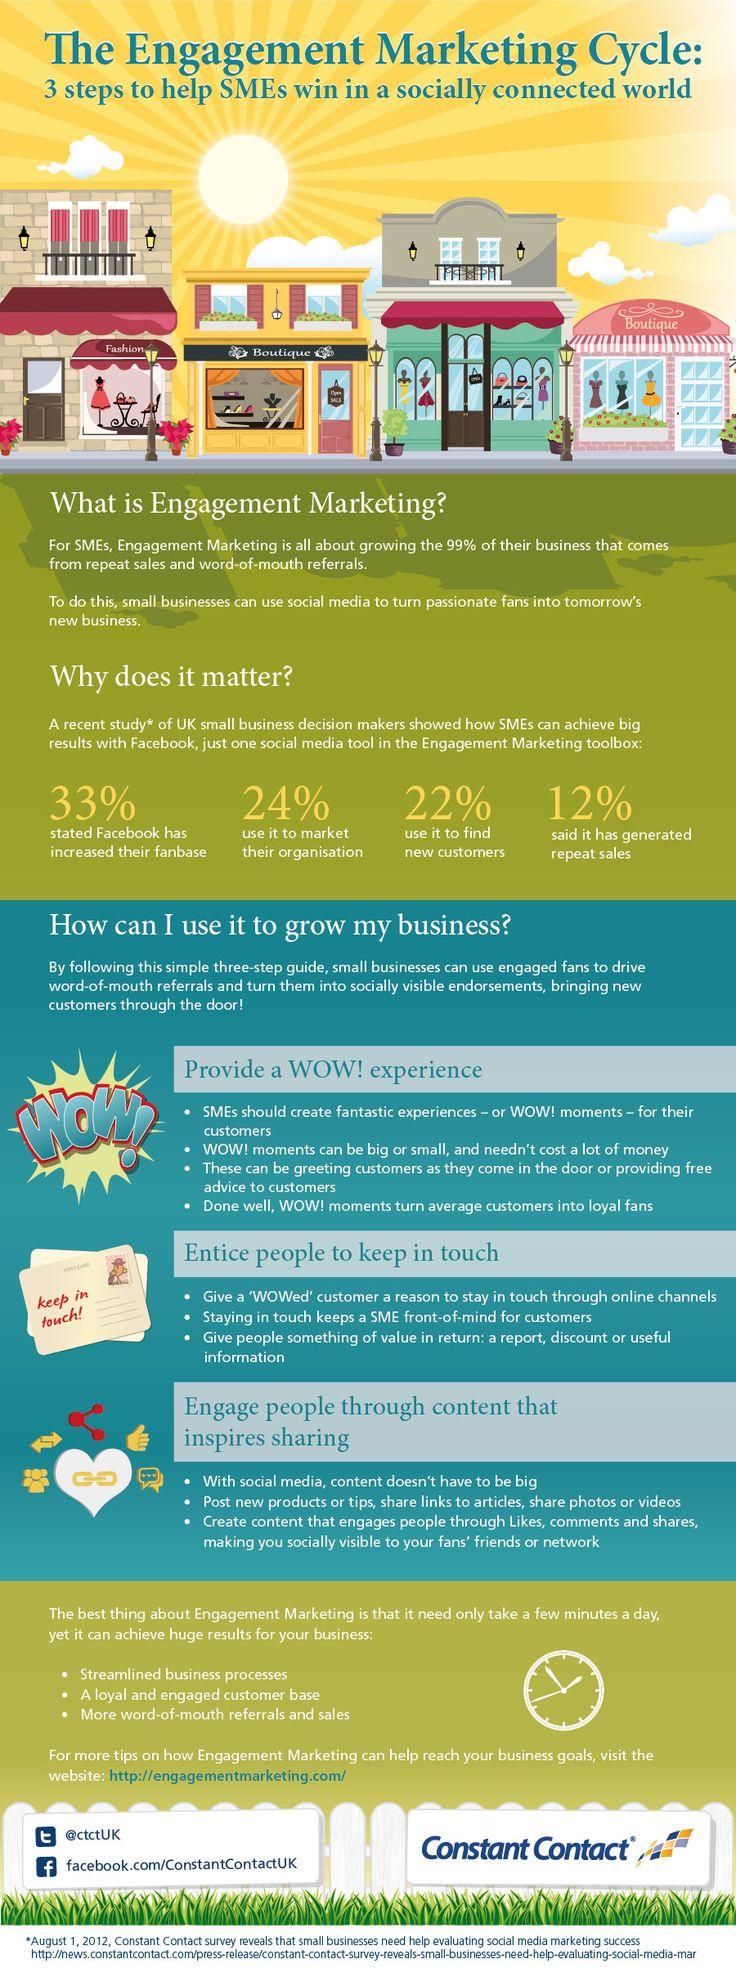 El ciclo del engagement marketing #infografia #infographic #marketing #socialmedia | TICs y Formación